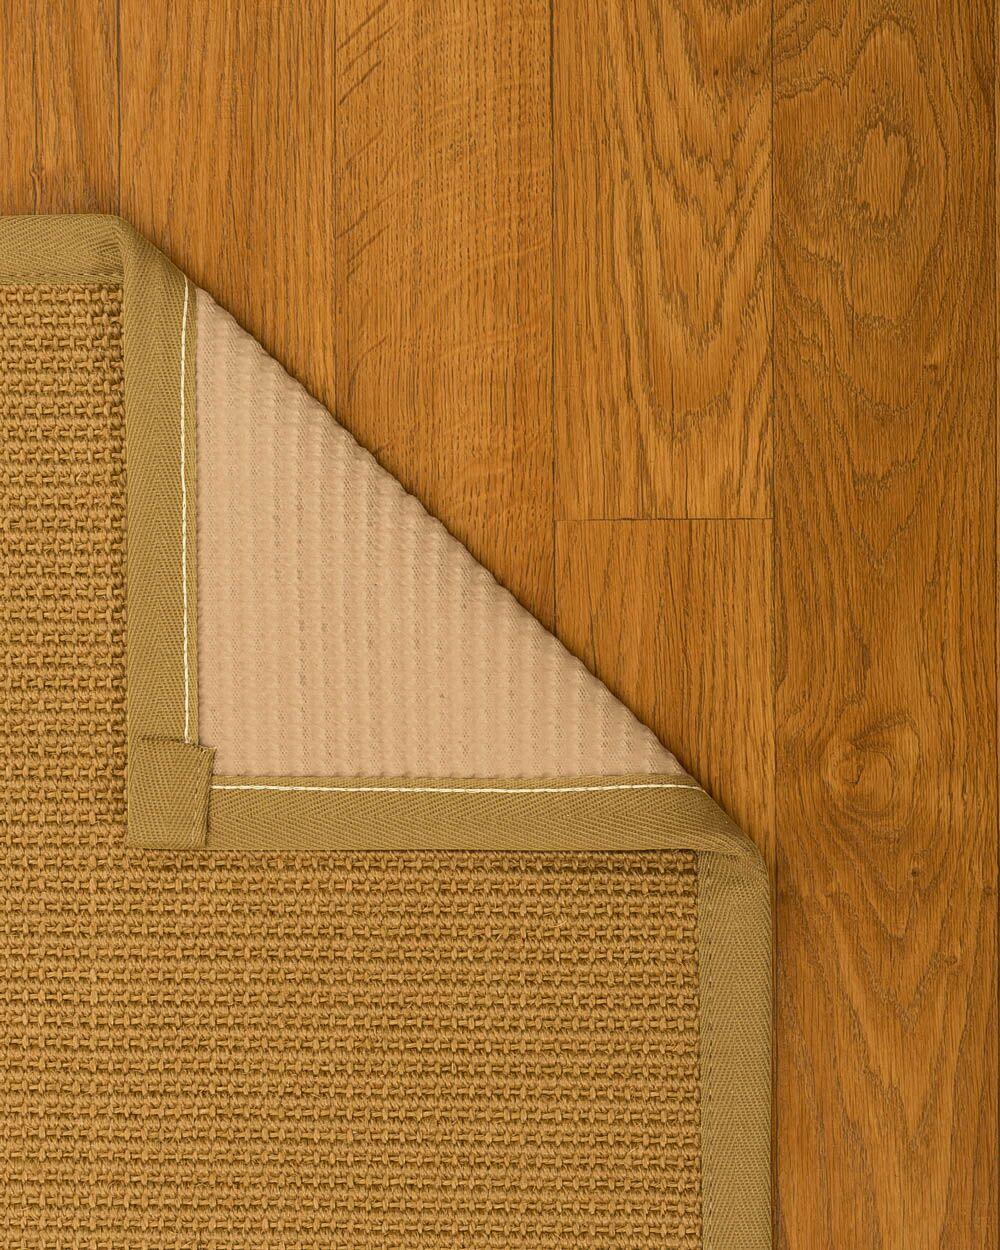 Coleridge Hand Woven Brown Area Rug Rug Size: Rectangle 8' X 10'